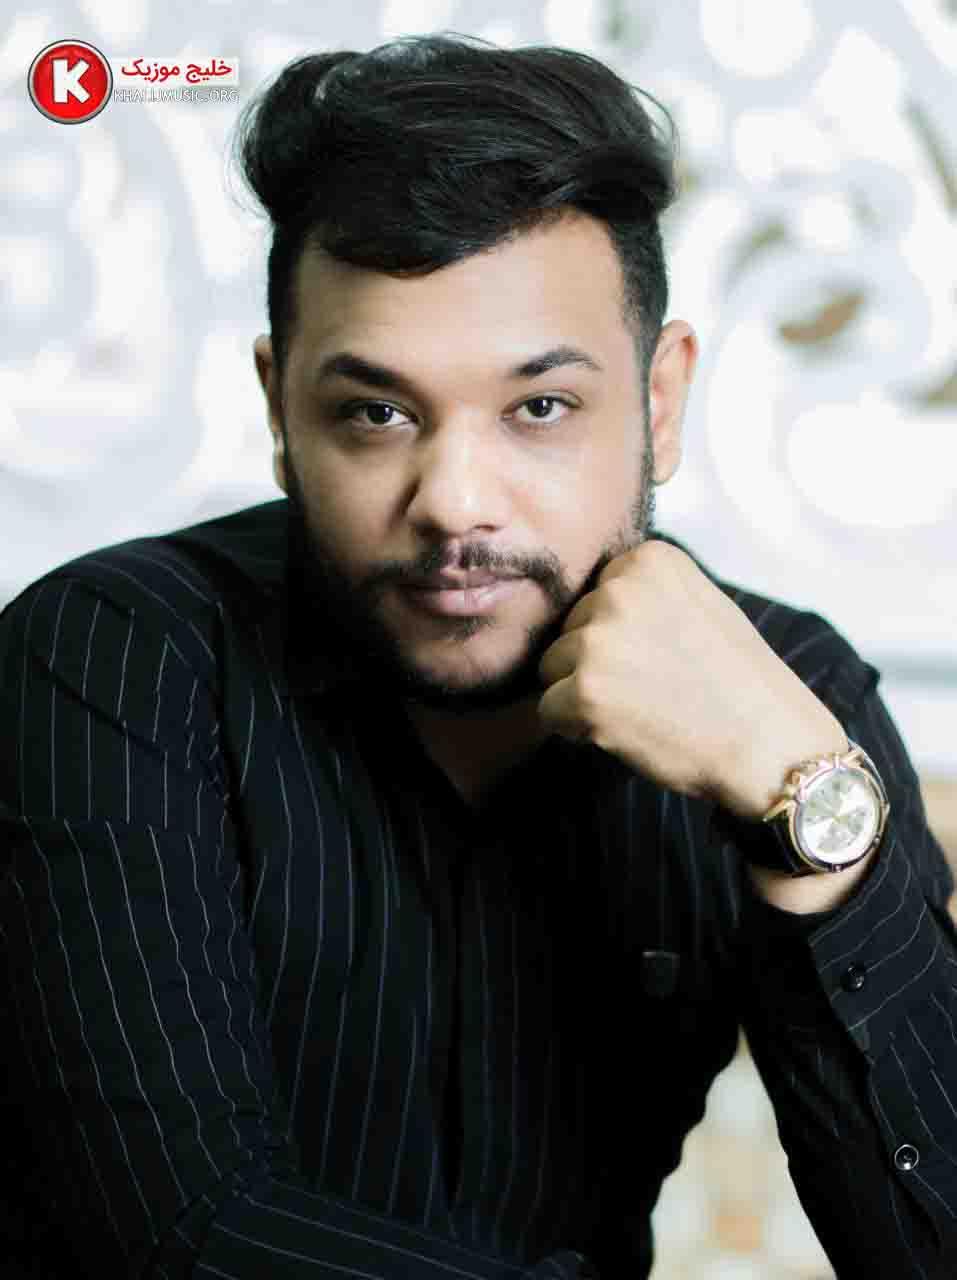 عبدالله قضایی دانلود آهنگ جدید اجرای زنده و بسیار زیبا و شنیدنی بصورت حفله